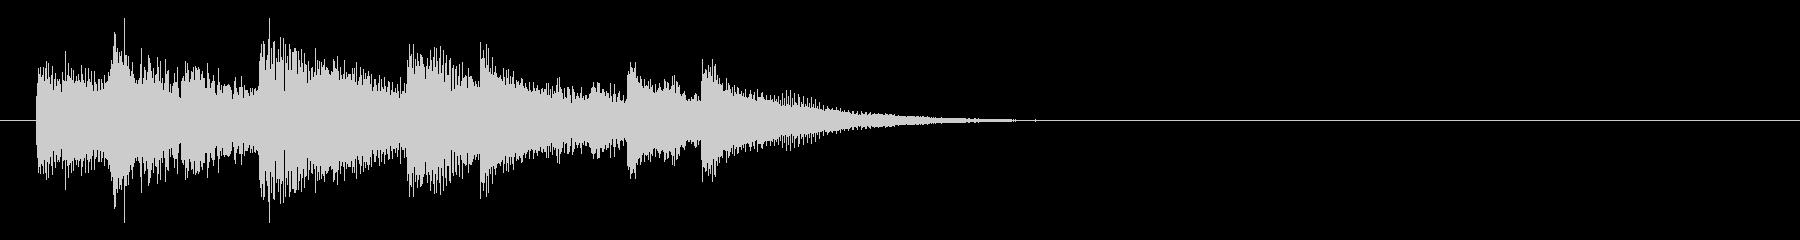 ナイロンギターの穏やかなサウンドロゴ の未再生の波形